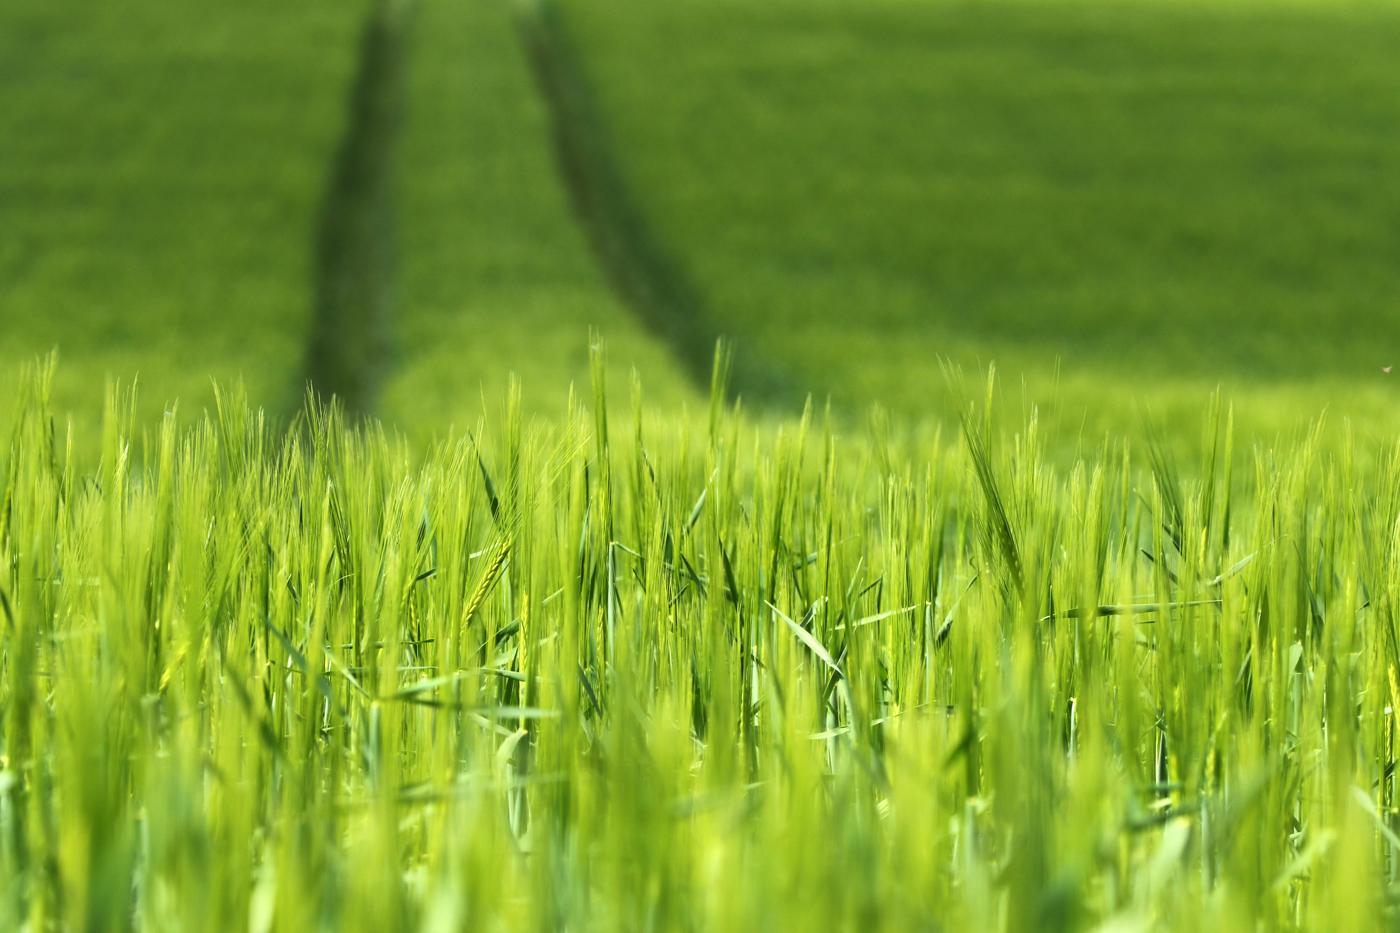 'Crop' by Tony O'Reilly